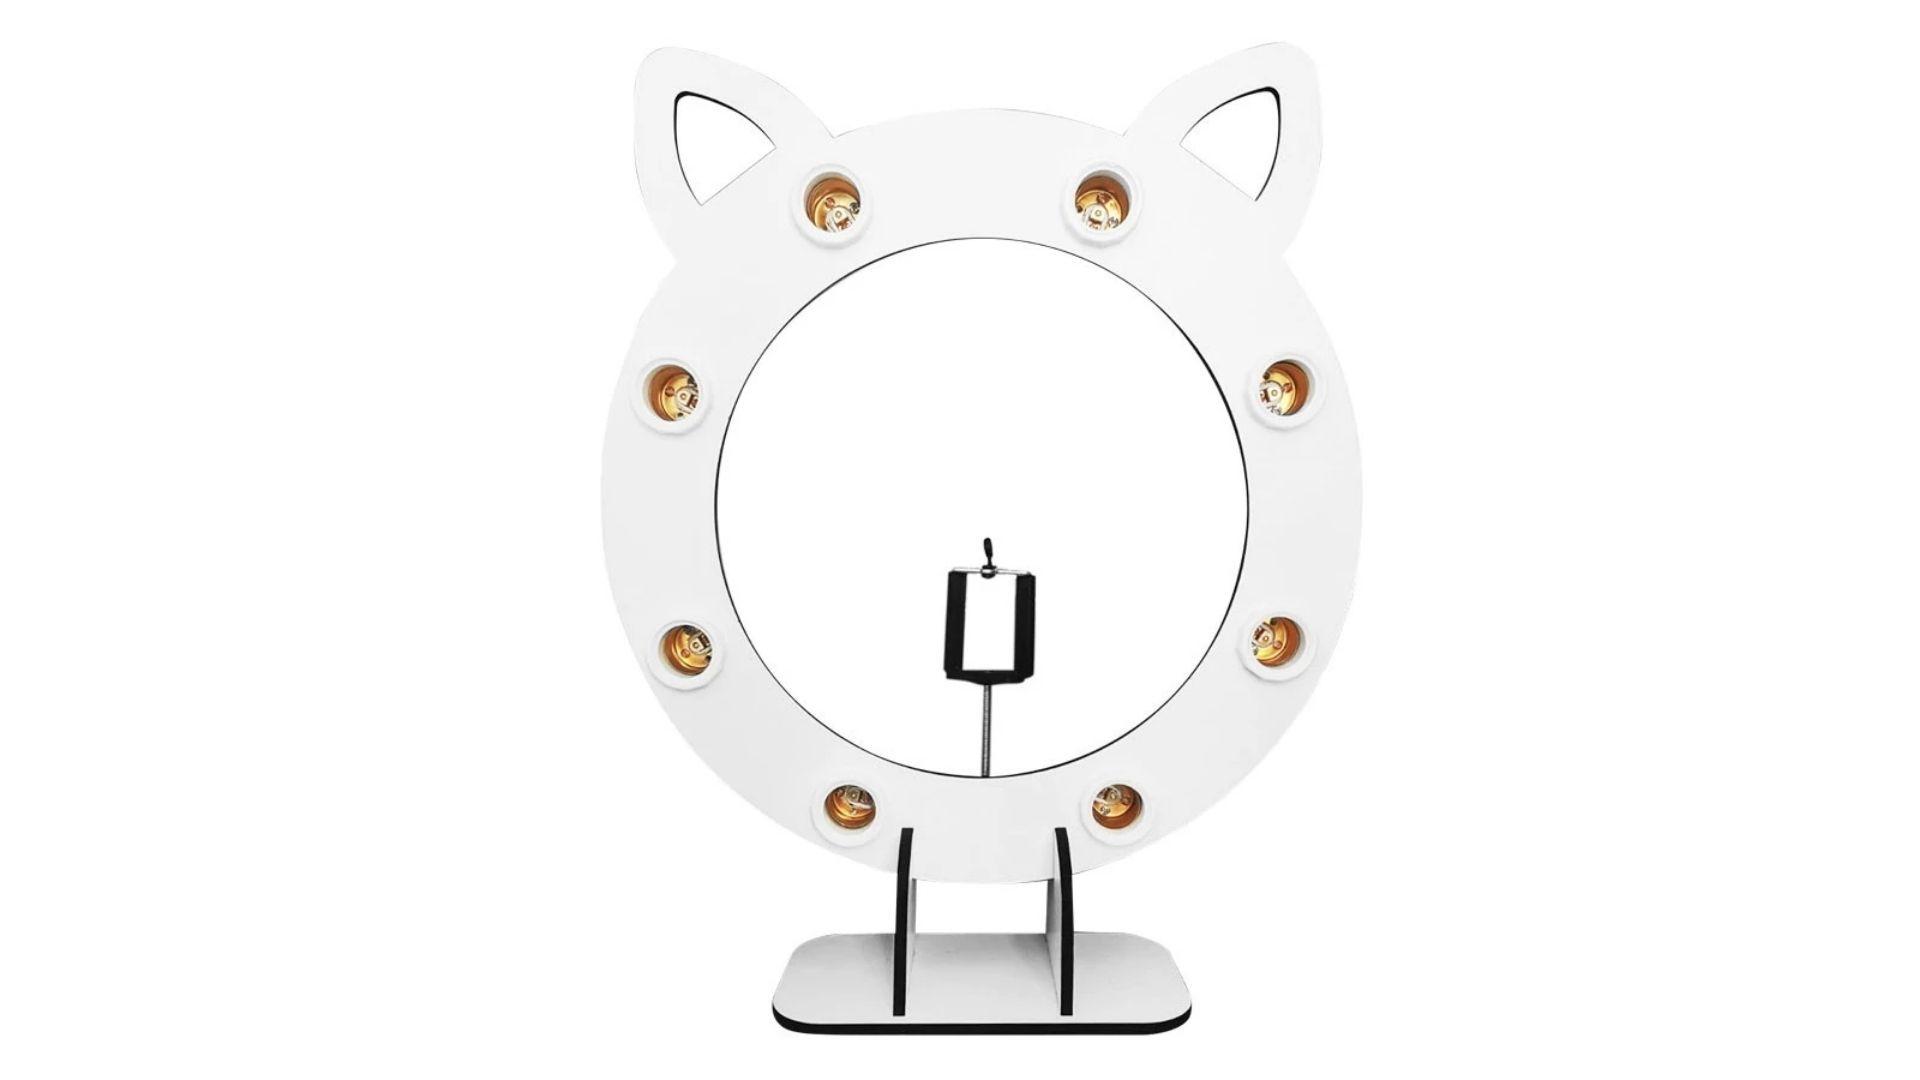 Ring light de mesa tem bocais para colocar lâmpadas (Foto: MongArte Laser/Casa Ring Light)